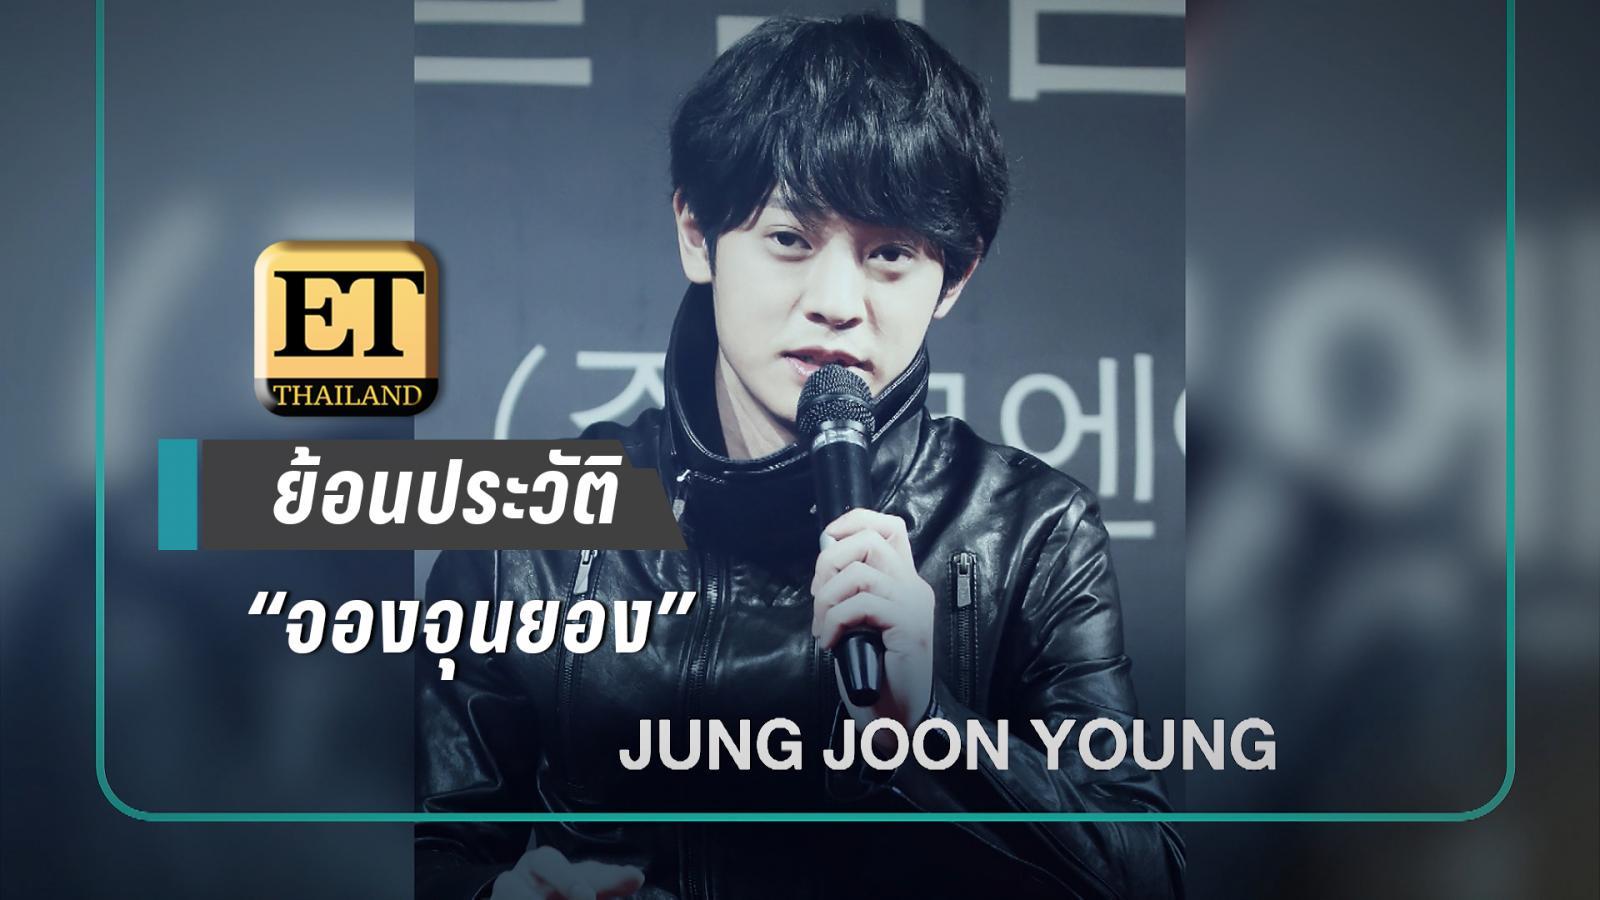 """ย้อนประวัติ """"จองจุนยอง"""" แห่งห้องแชทฉาว"""